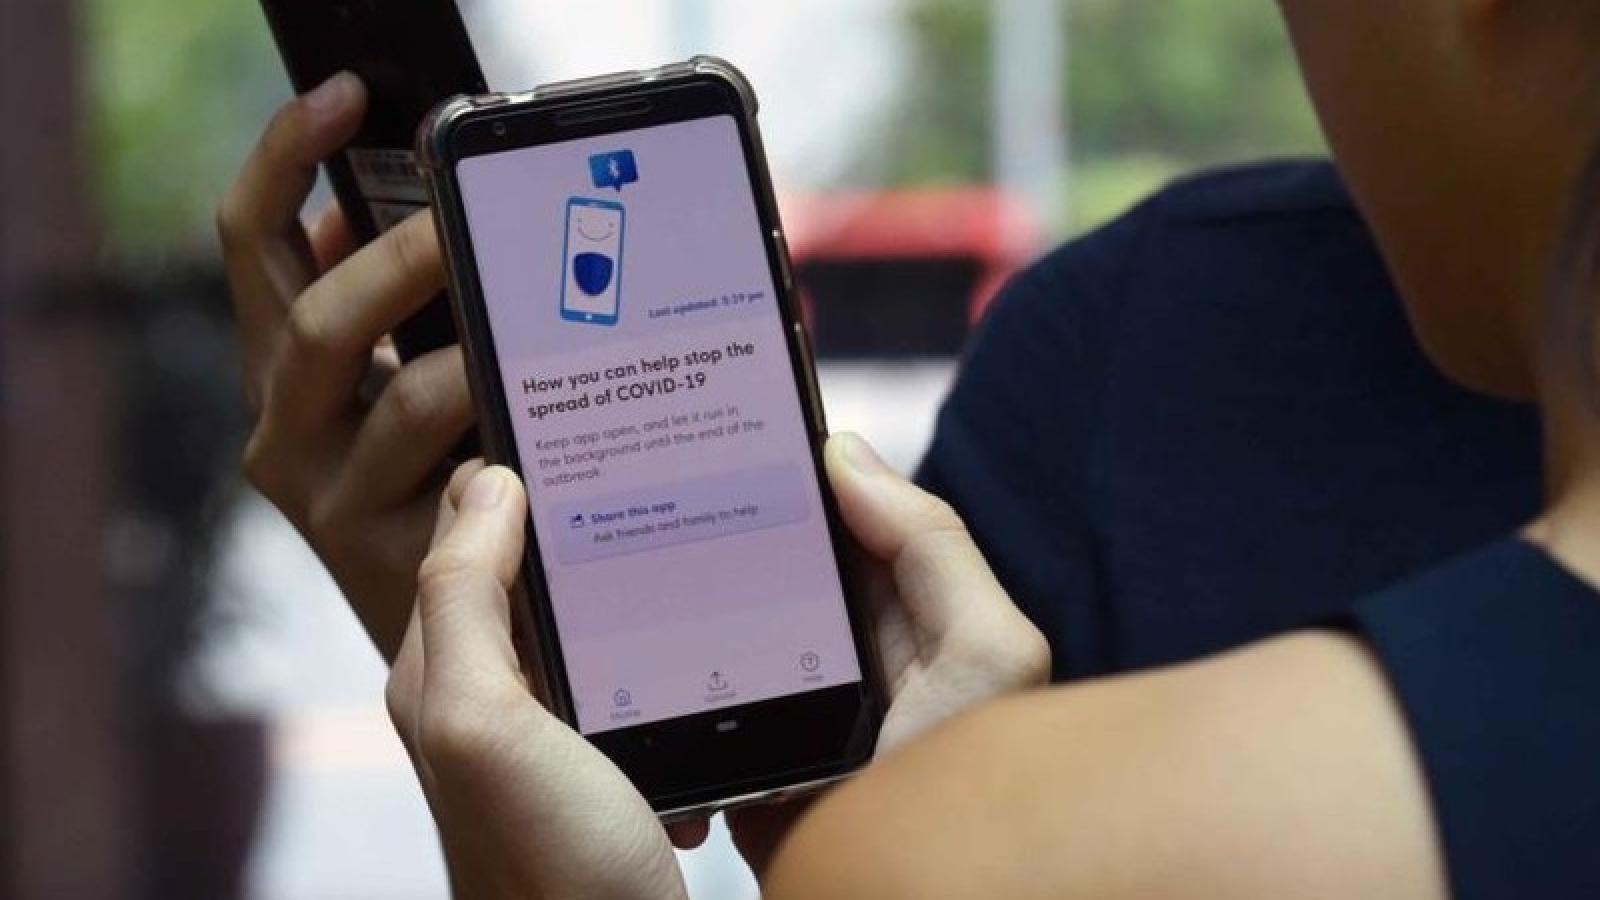 Nhật Bản dùng ứng dụng theo dõi bệnh nhân Covid-19 trên điện thoại